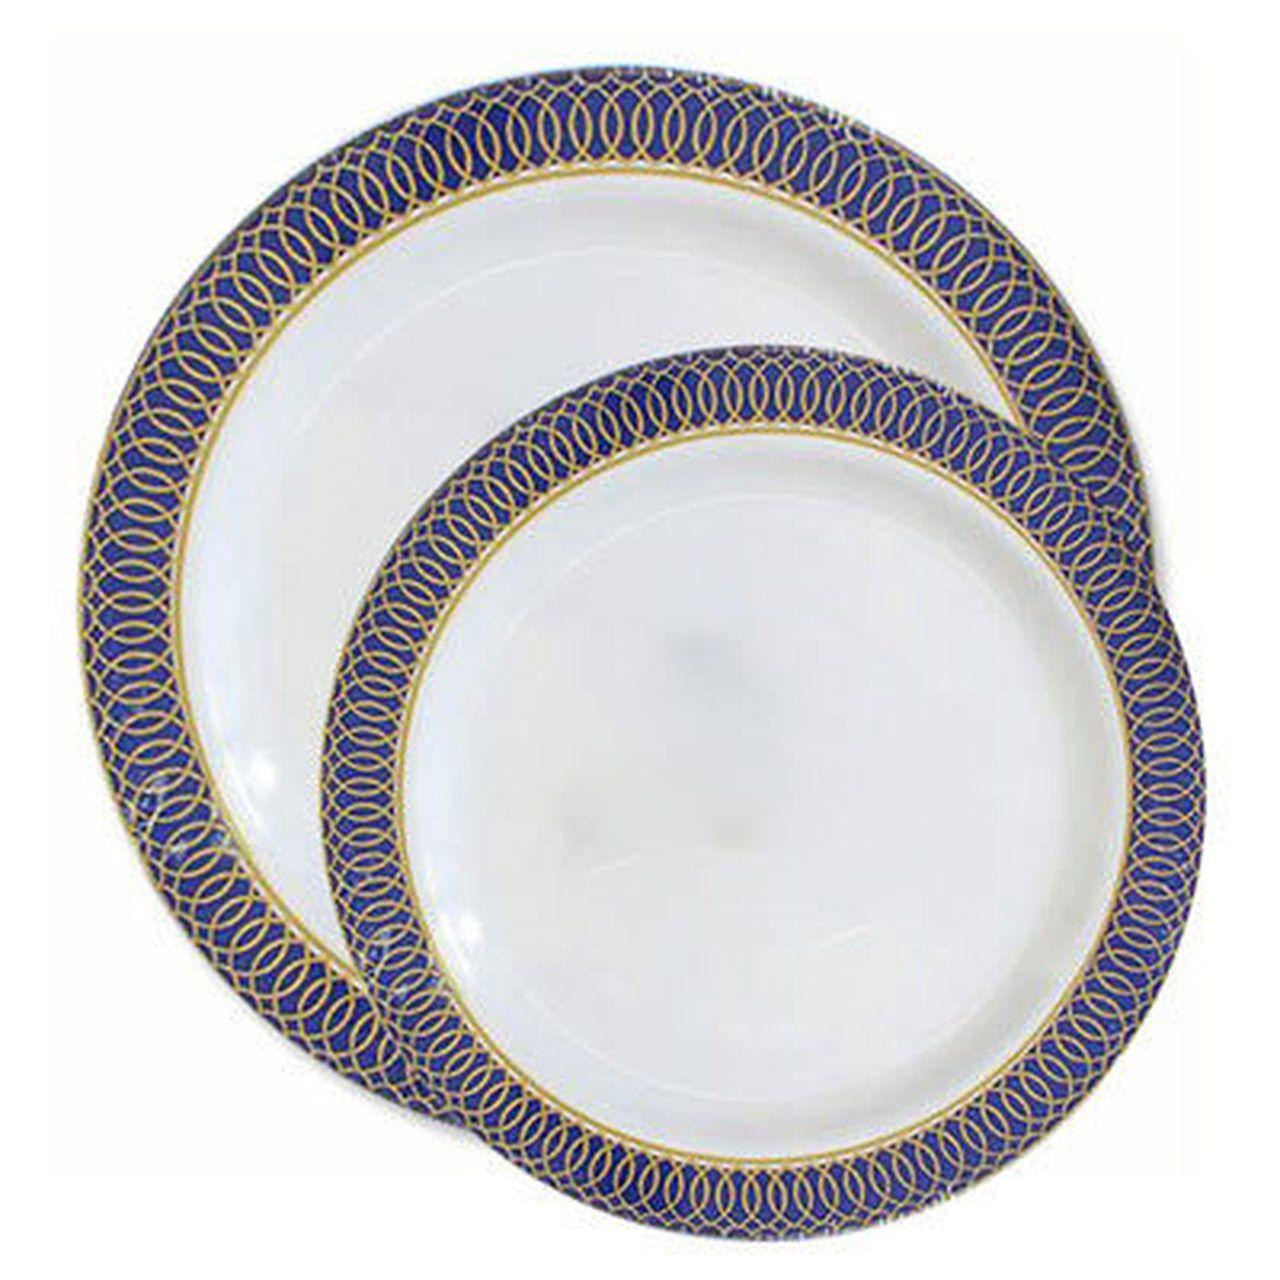 White With Blue Rim Aristocrat Plastic Tableware Package Plastic Plates Wedding Elegant Plastic Plates Gold Rims